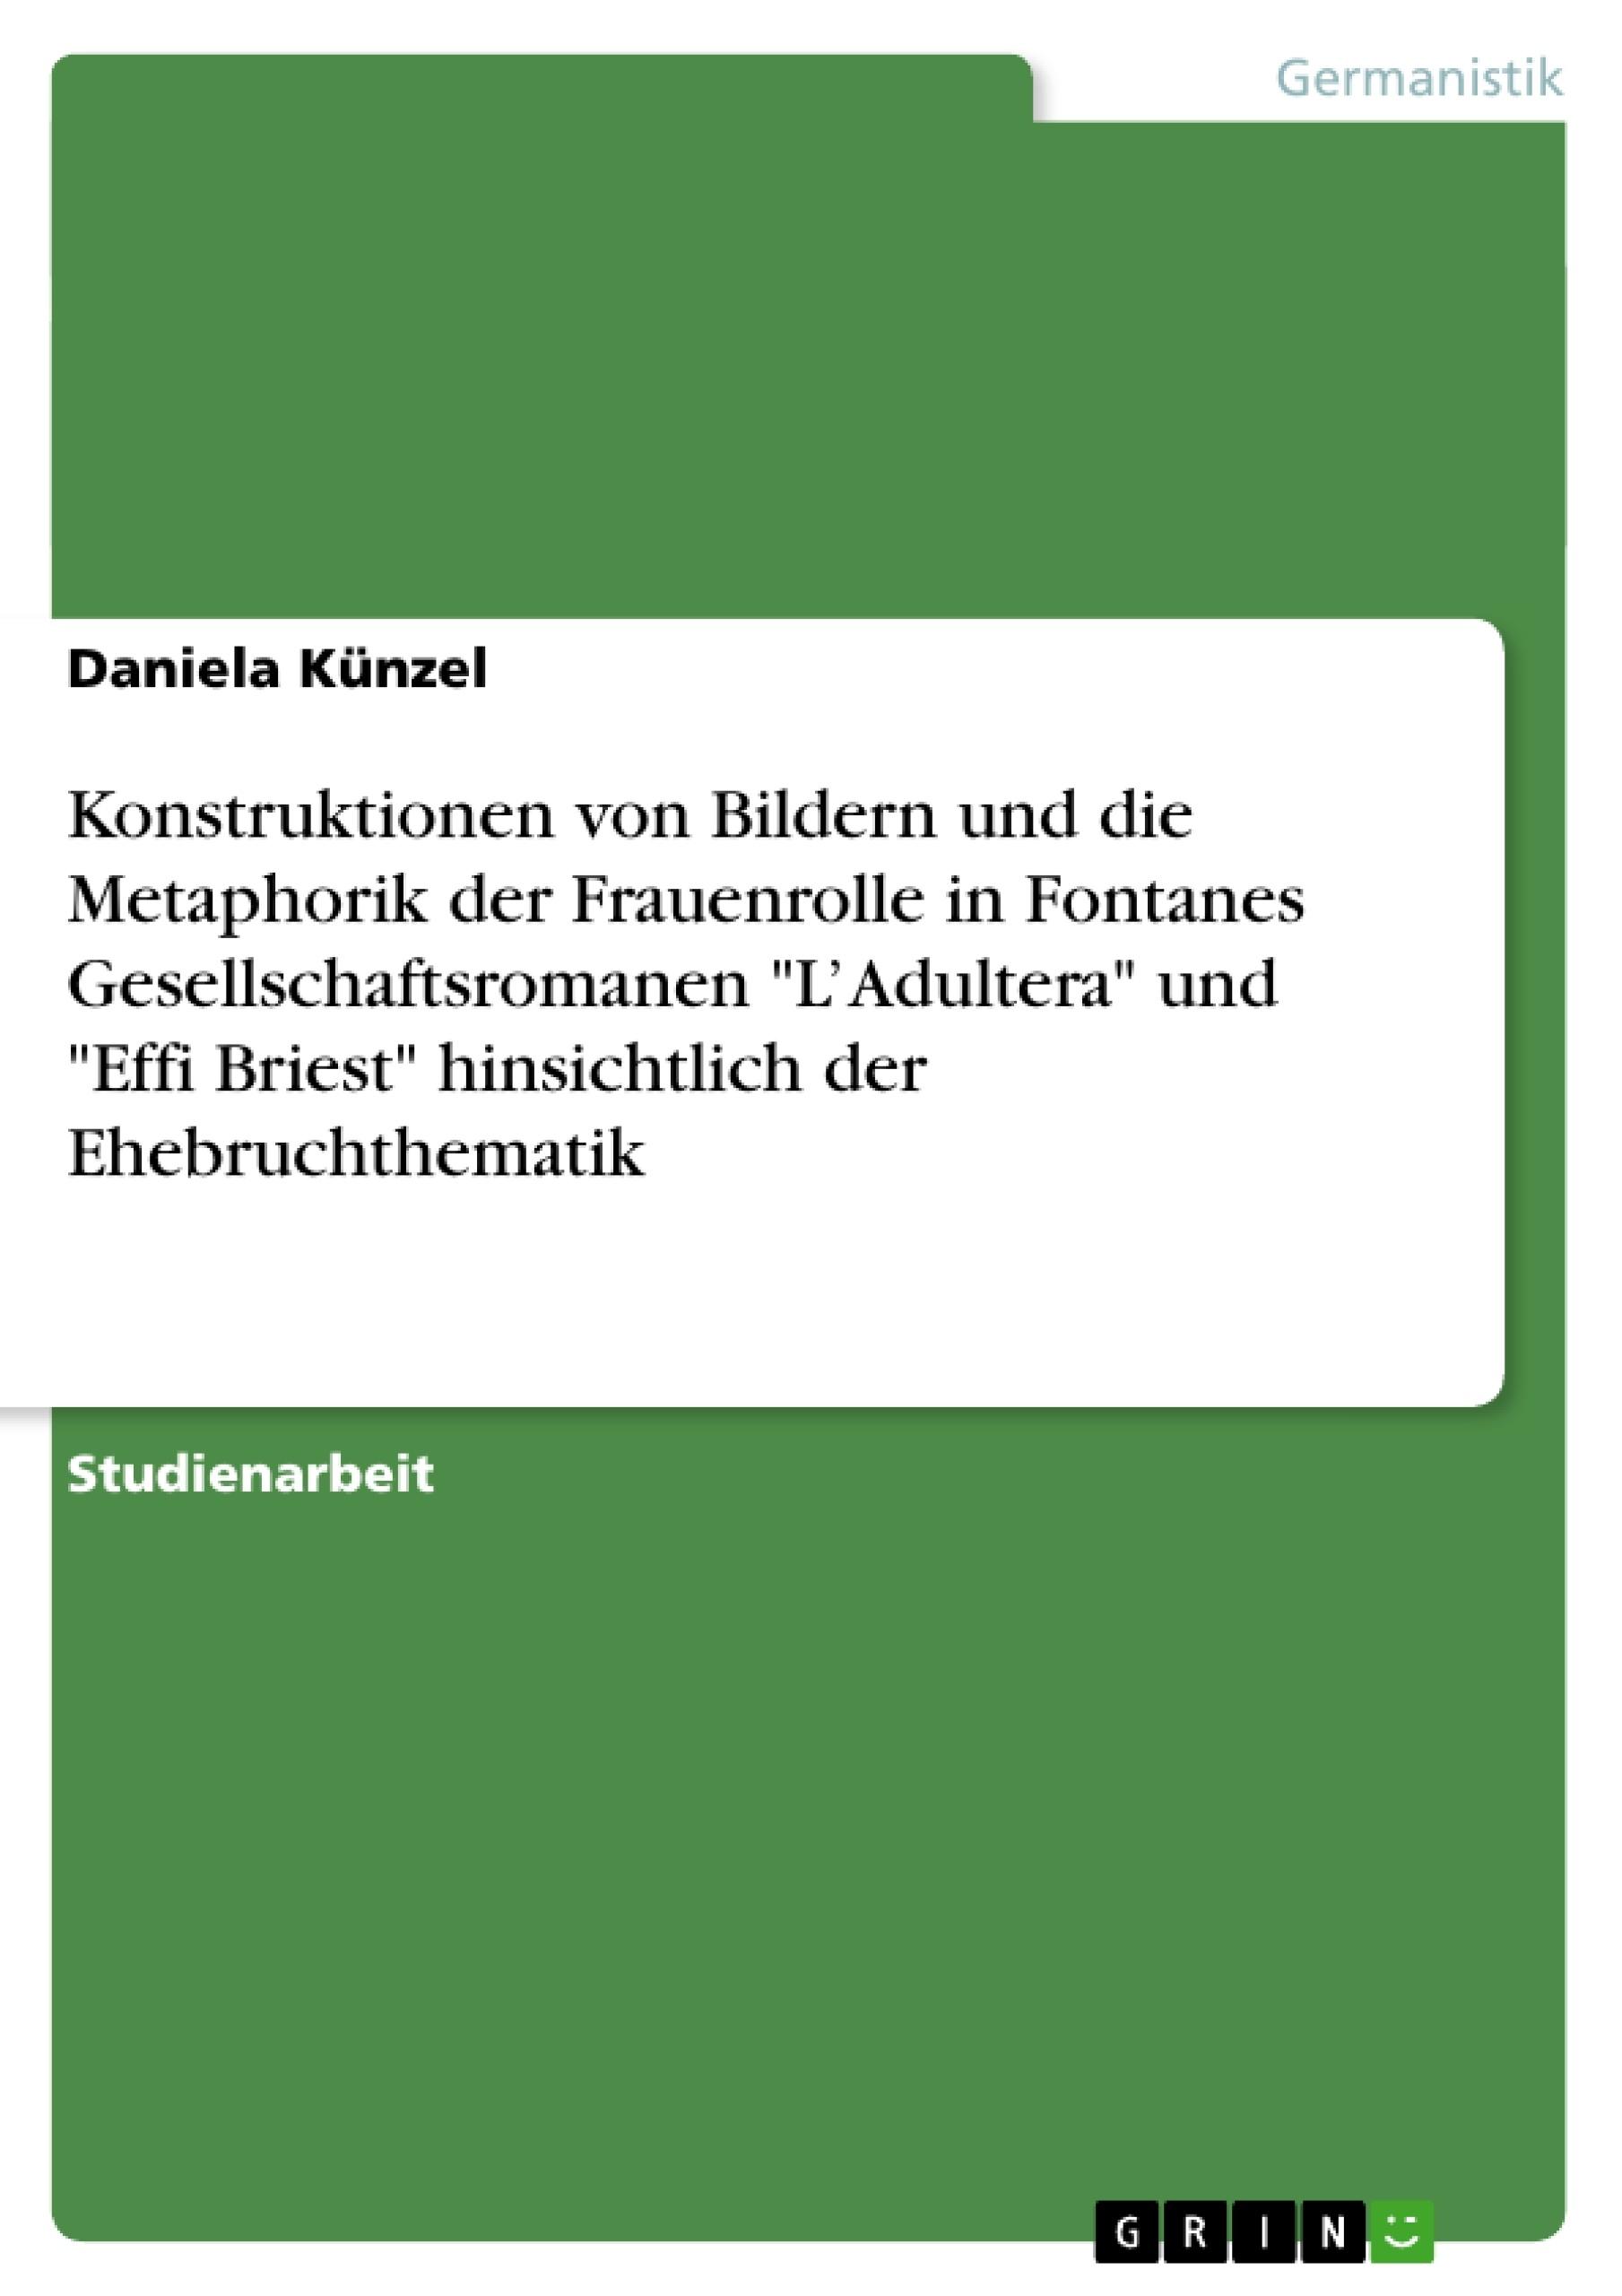 """Titel: Konstruktionen von Bildern und die Metaphorik der Frauenrolle in Fontanes Gesellschaftsromanen """"L' Adultera"""" und """"Effi Briest"""" hinsichtlich der Ehebruchthematik"""